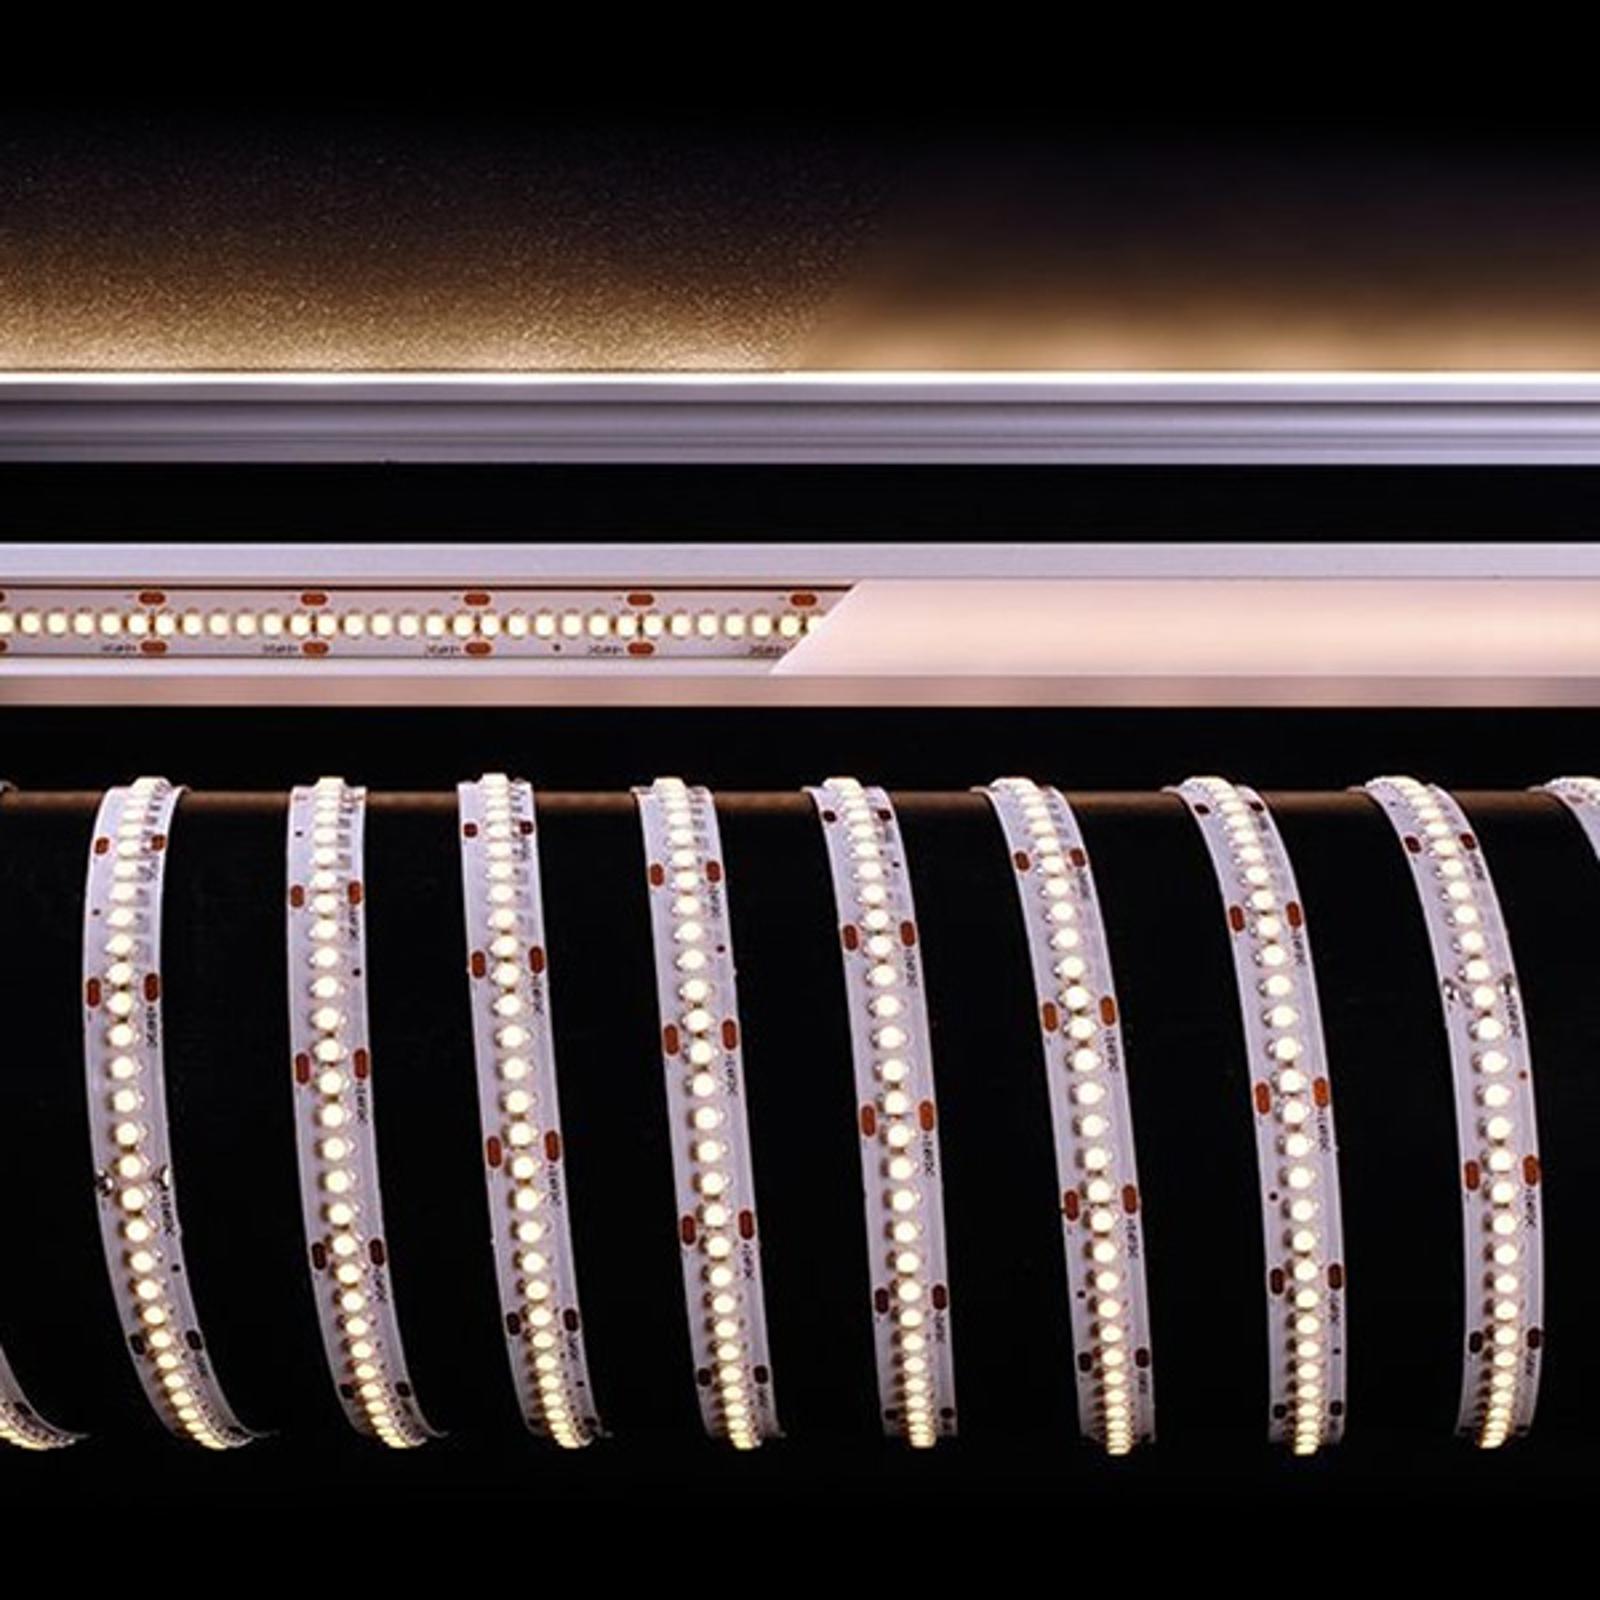 Flexibler LED-Strip, 90 W, 500x1x0,3 cm, 3.000 K